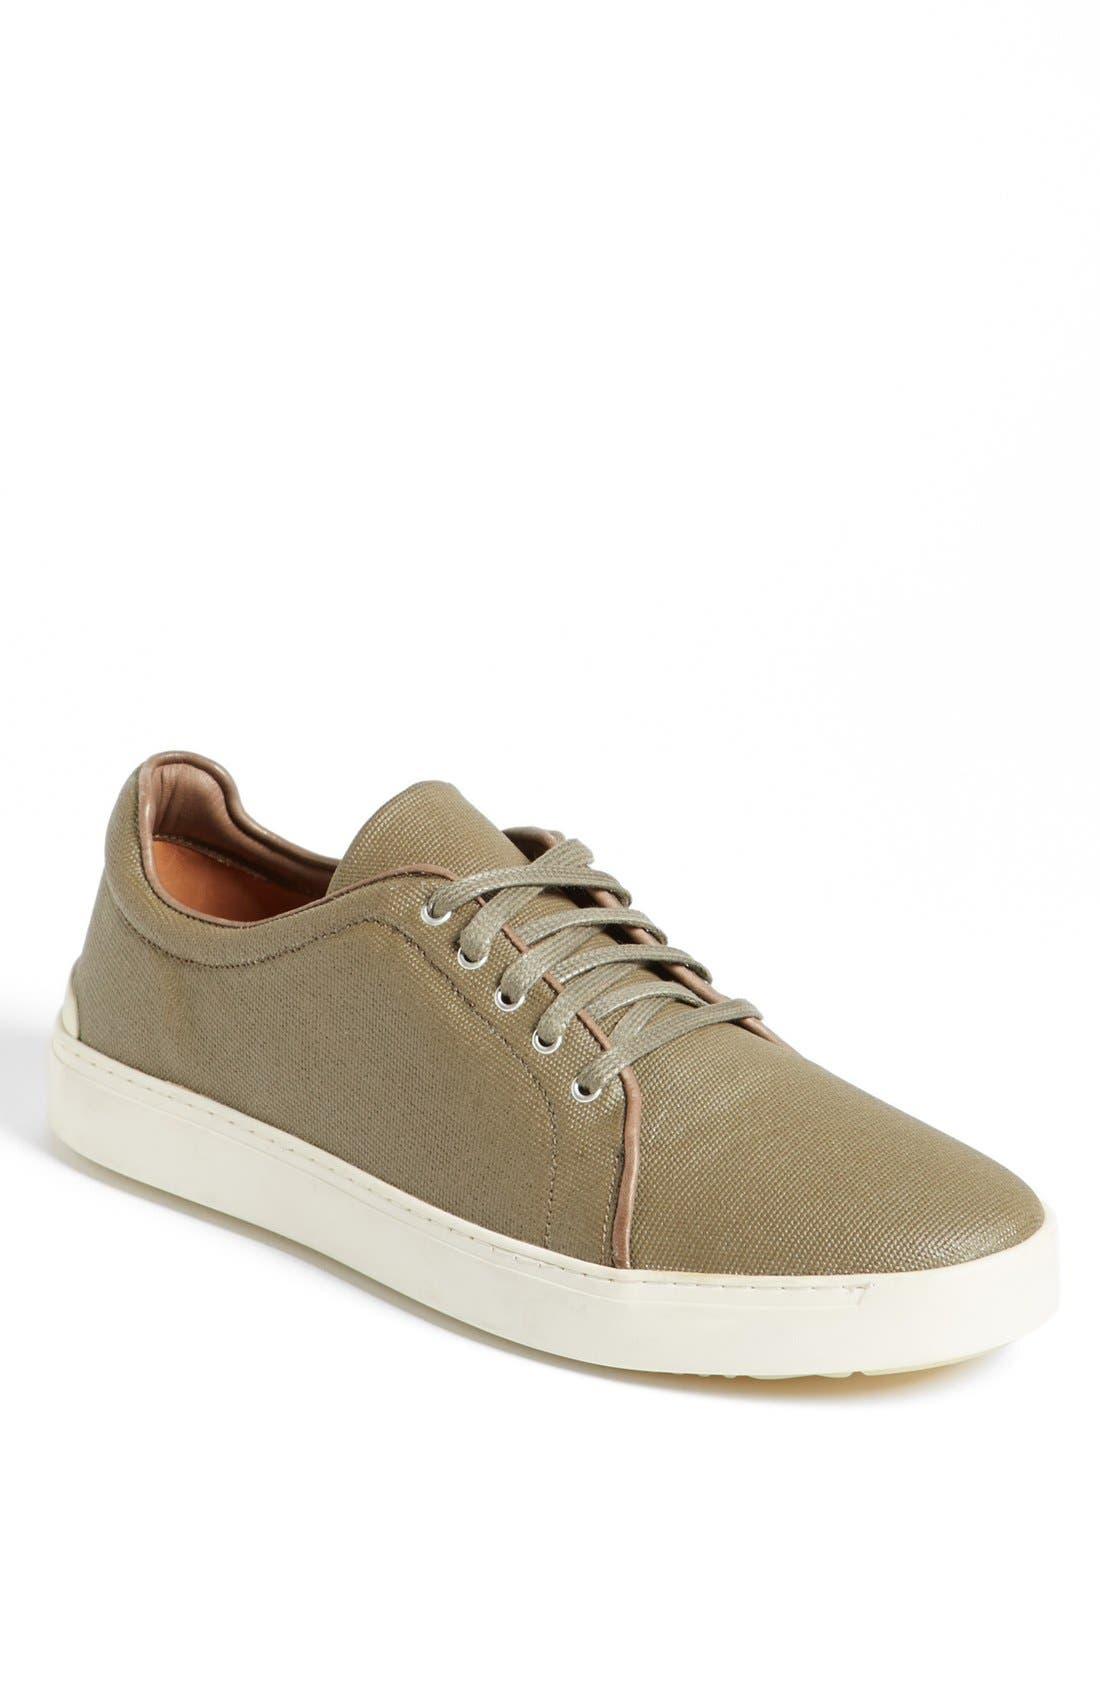 Alternate Image 1 Selected - rag & bone 'Kent' Sneaker